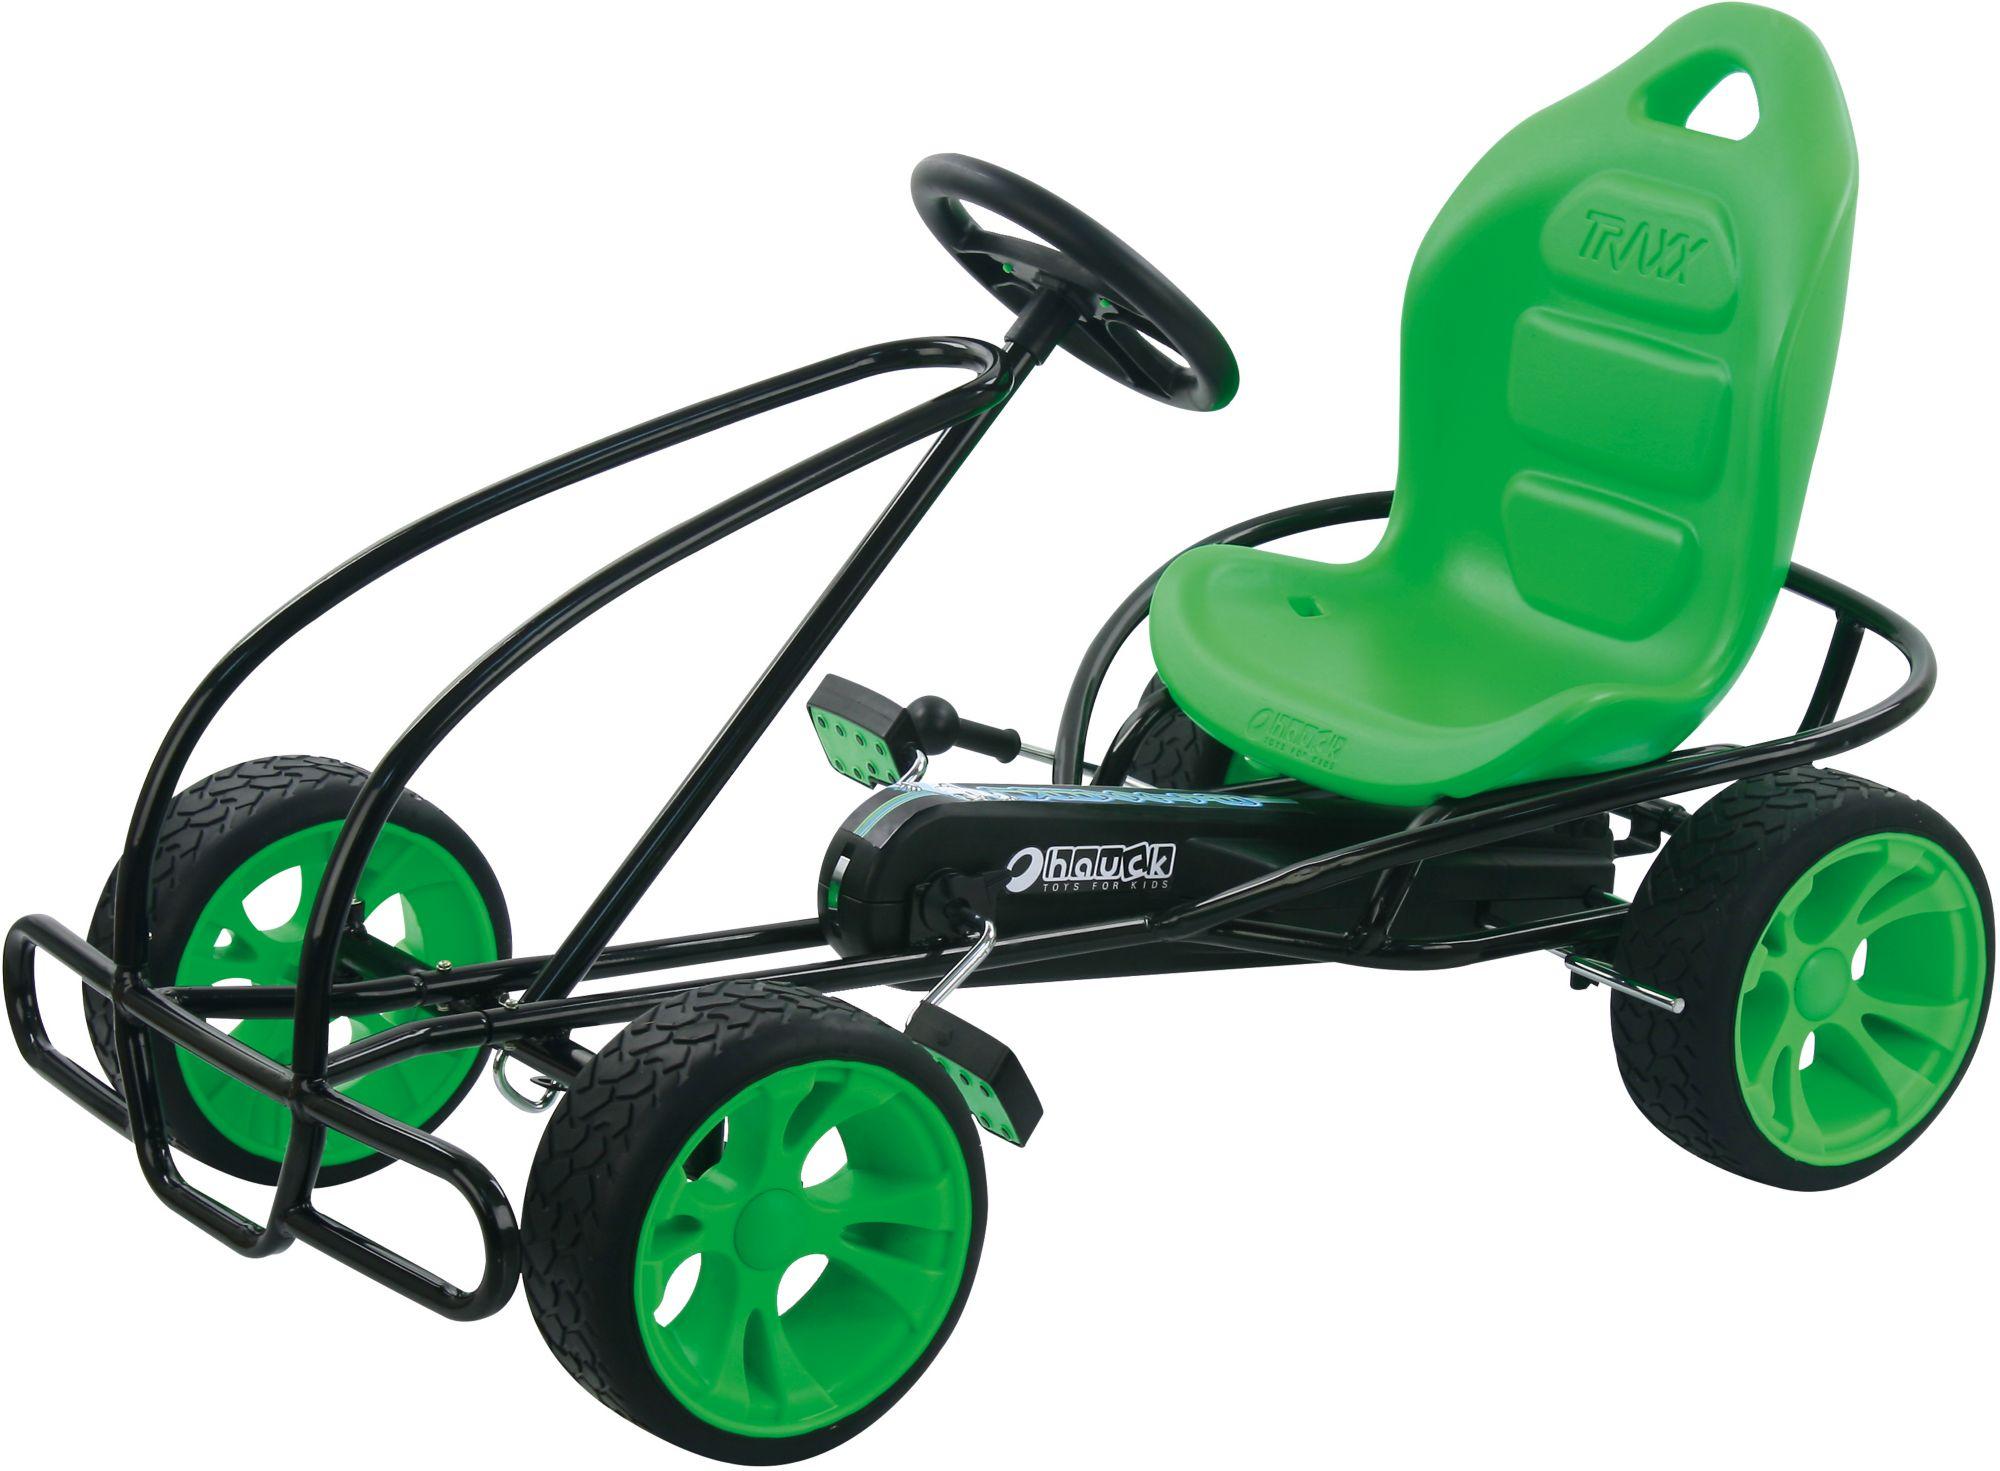 HAUCK TOYS FOR KIDS hauck TOYS FOR KIDS Go-Kart, »Blizzard, Green«